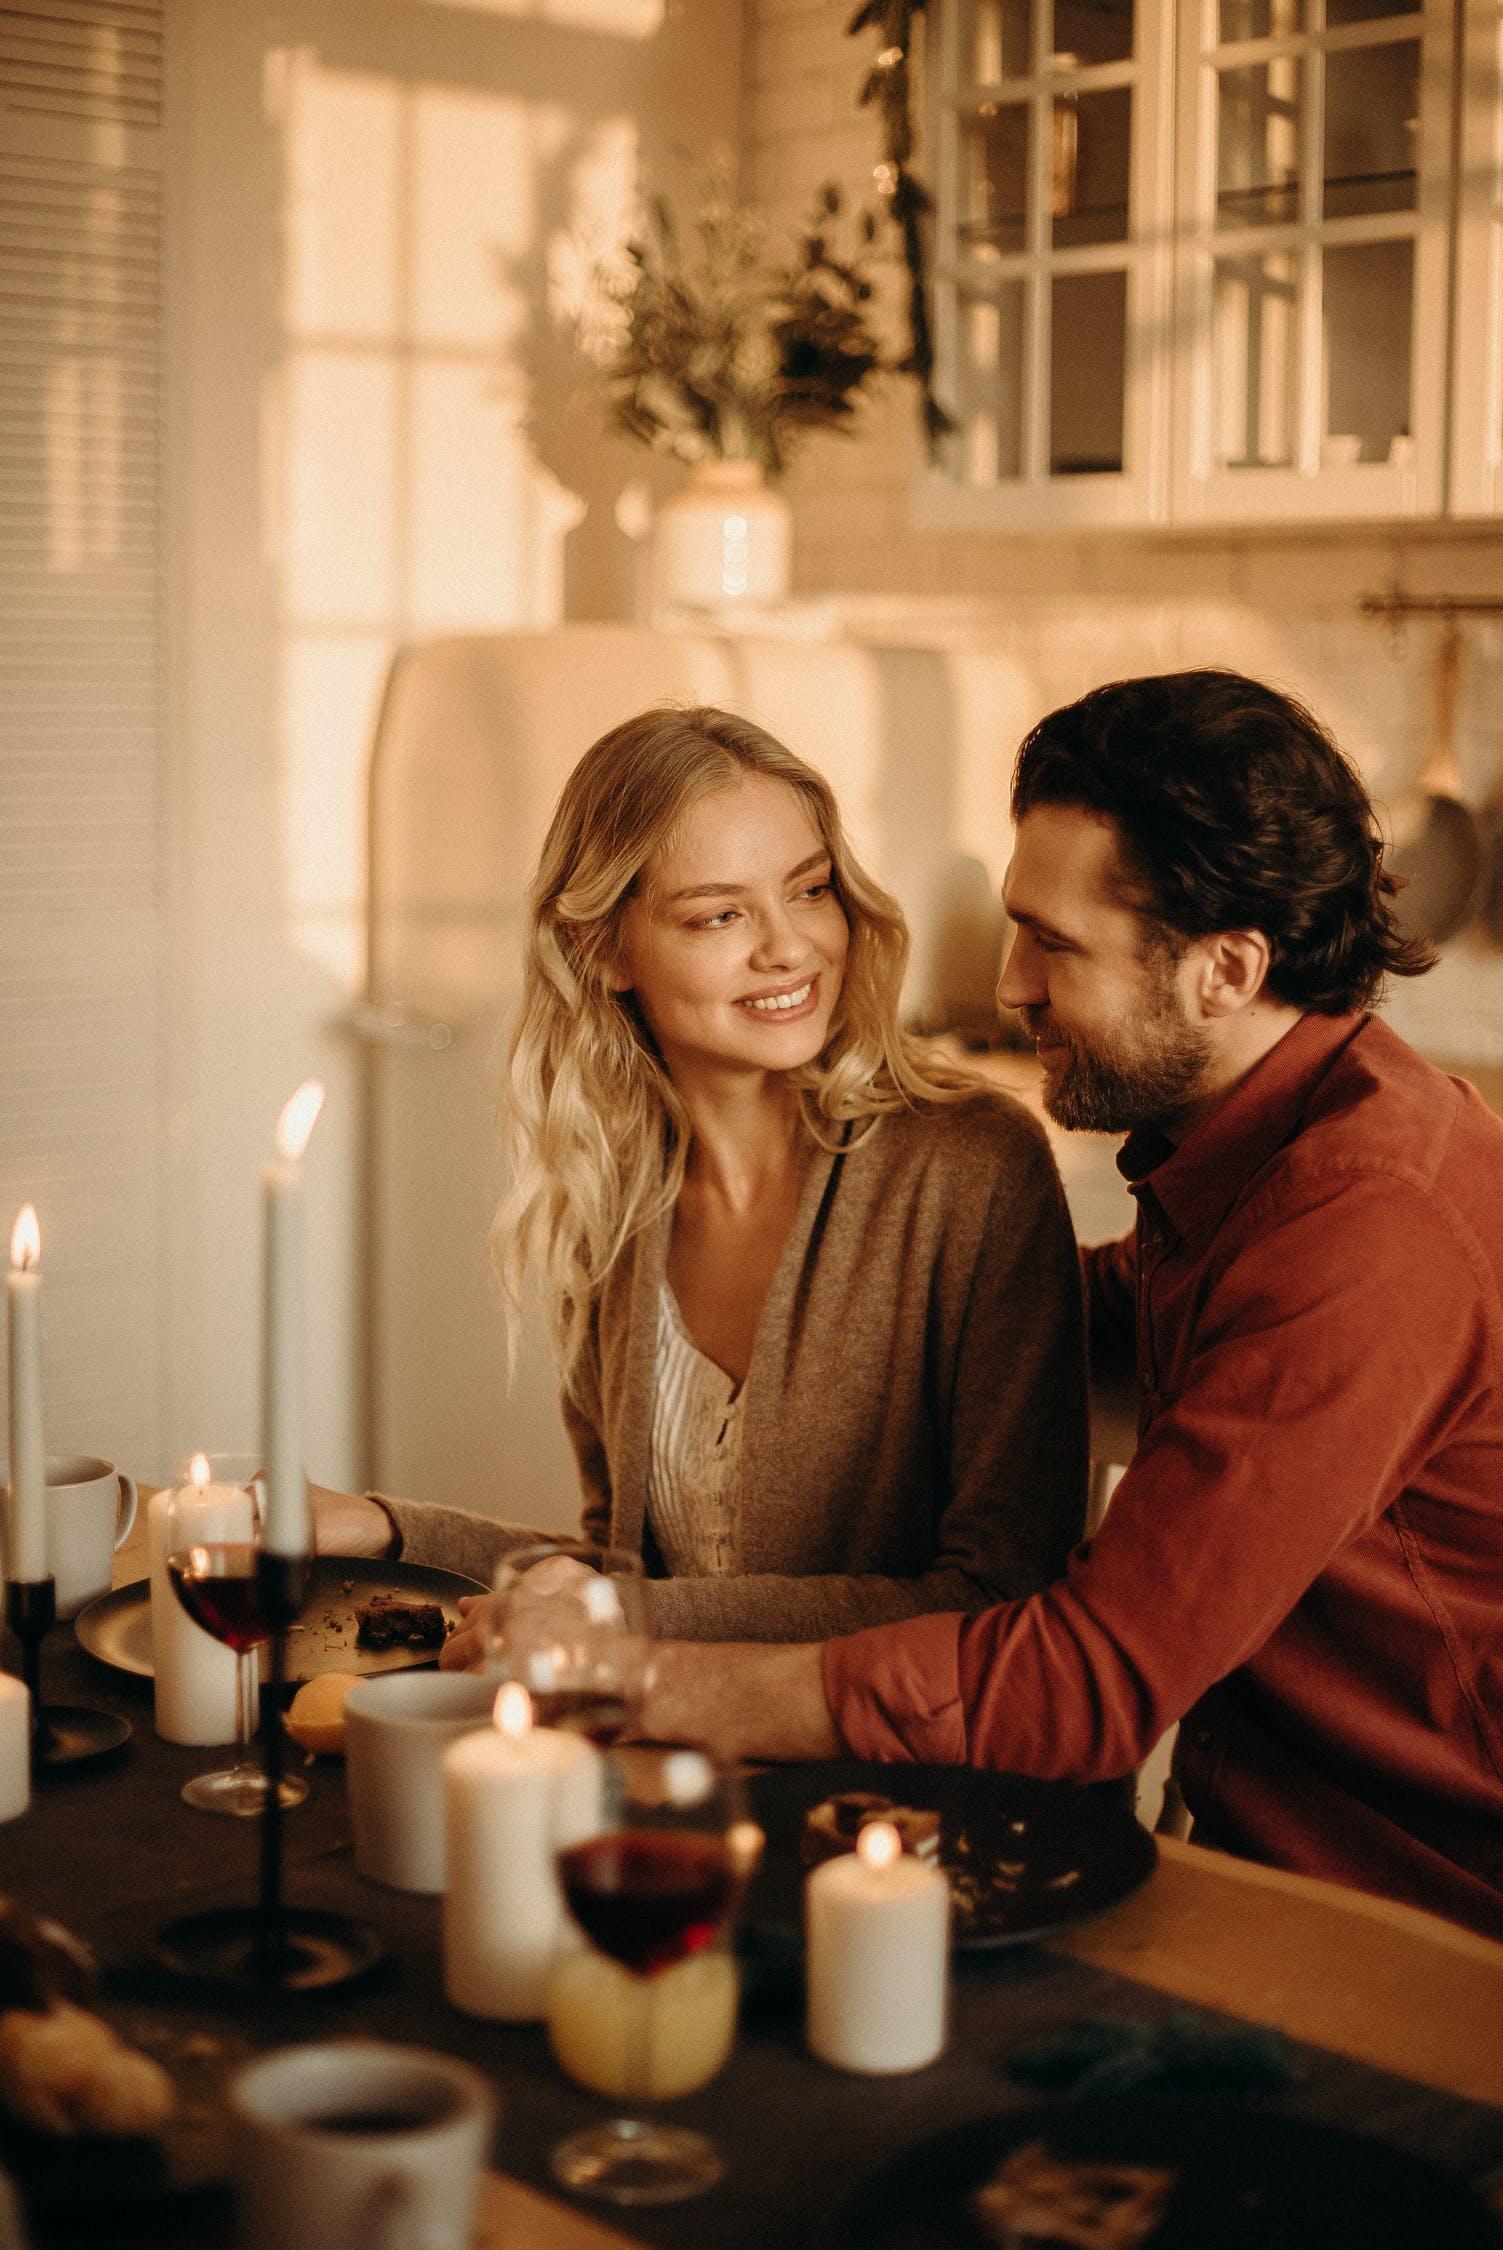 Тест: как распознать мужчину, с которым недавно познакомились – 20 вопросов от психолога